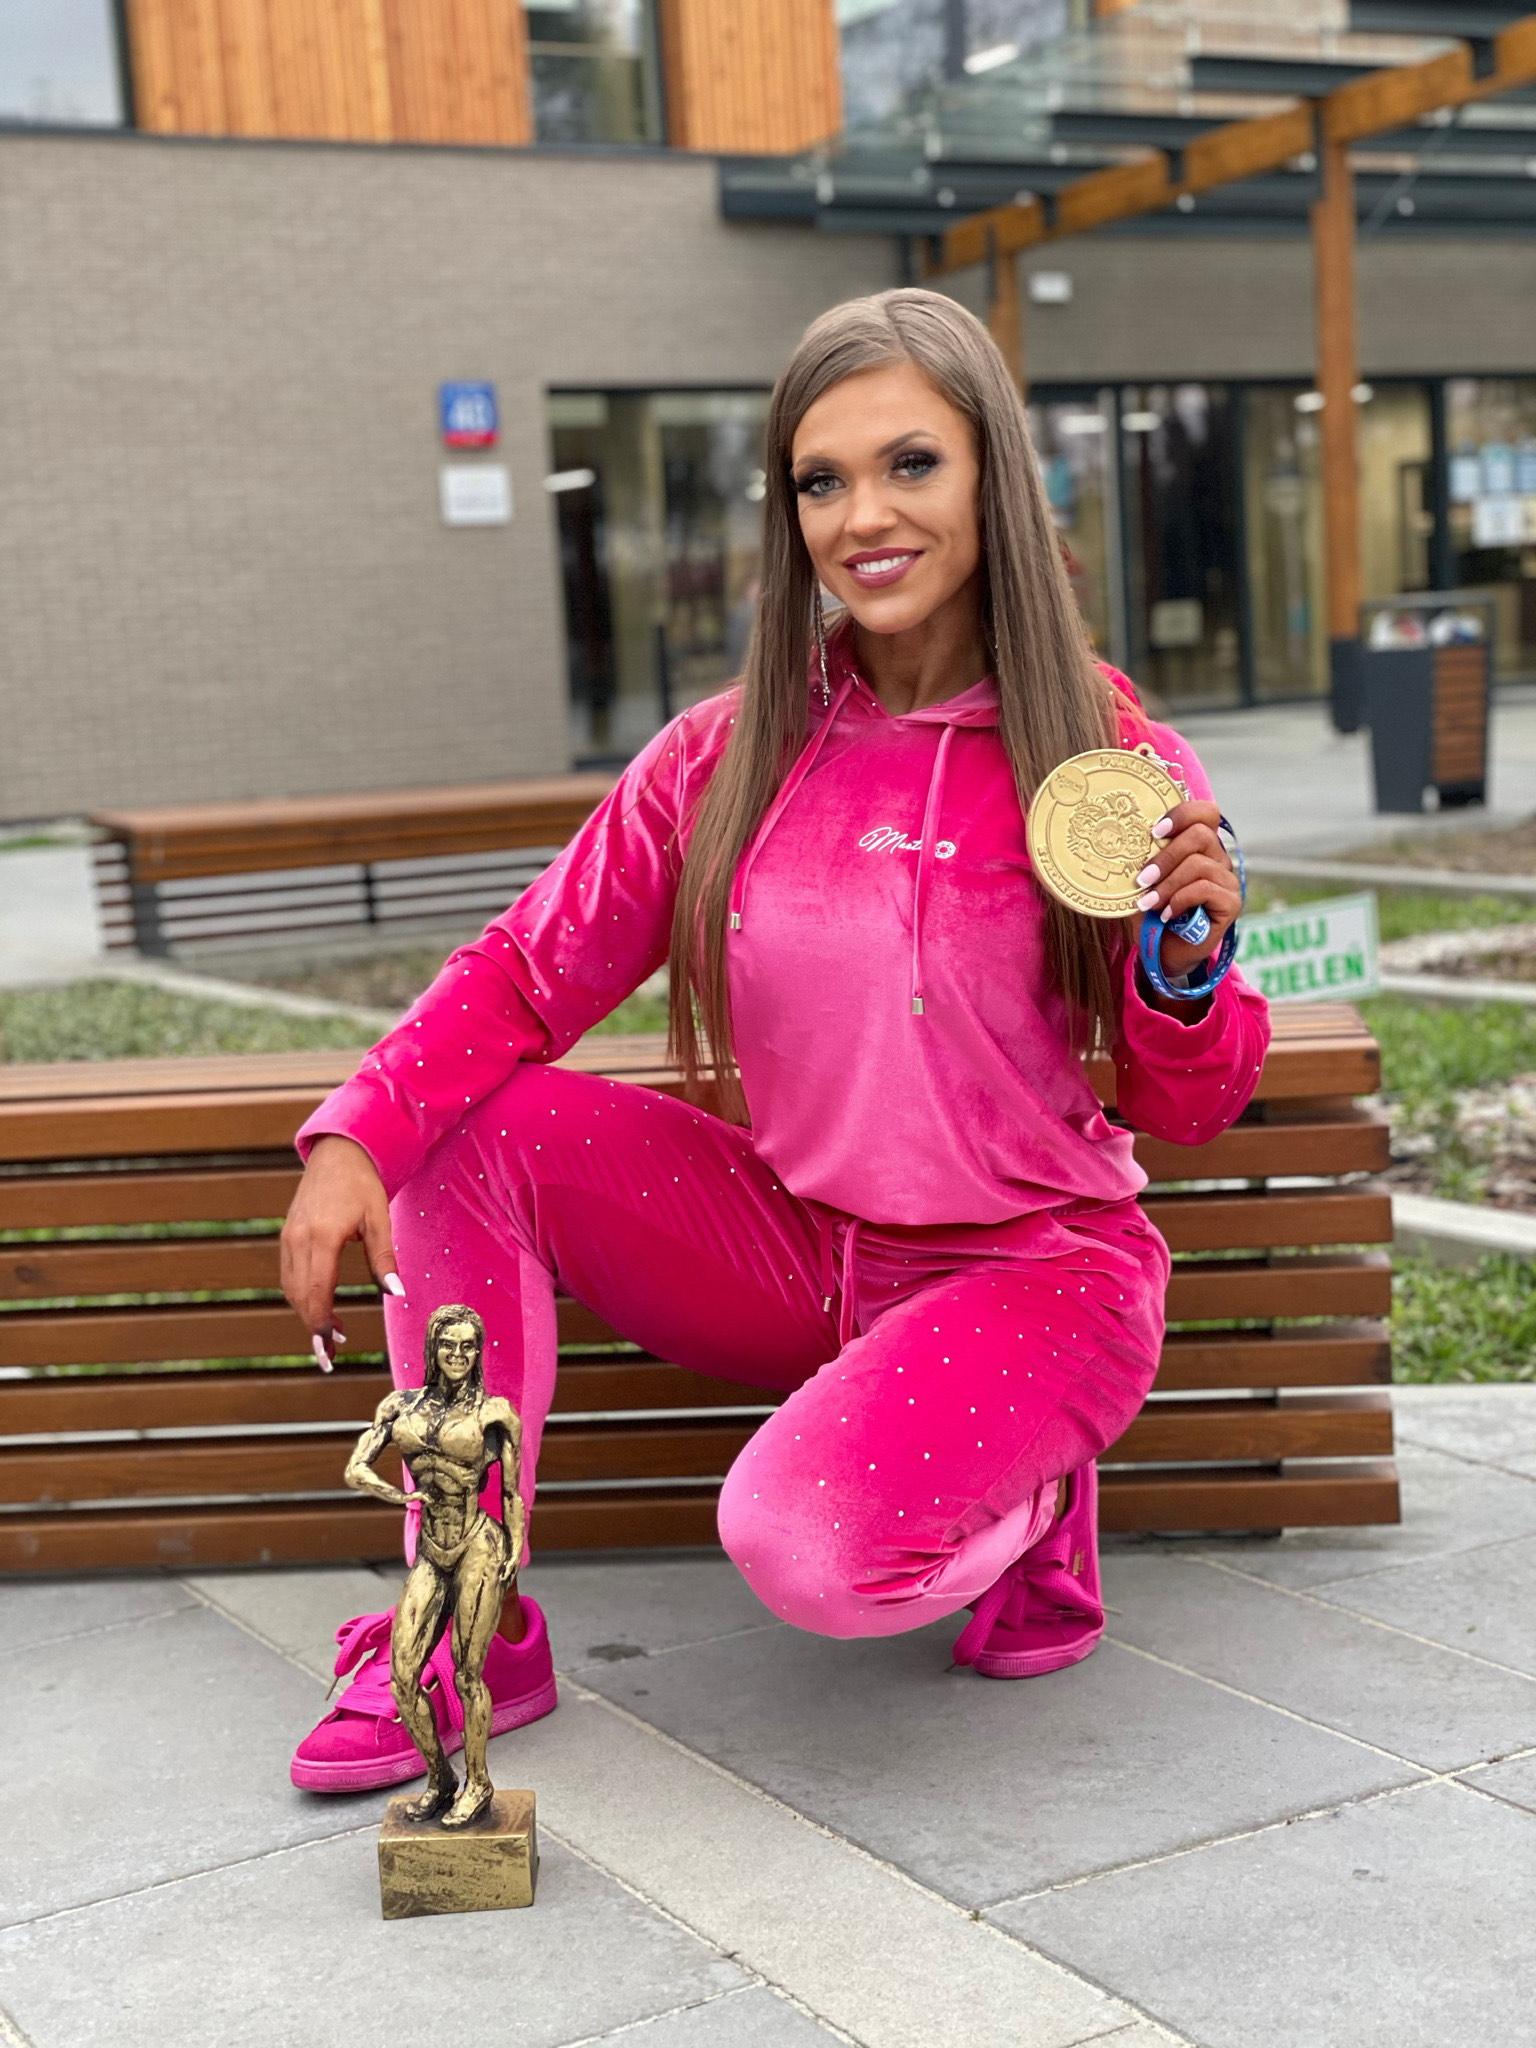 Martyna Staszewska